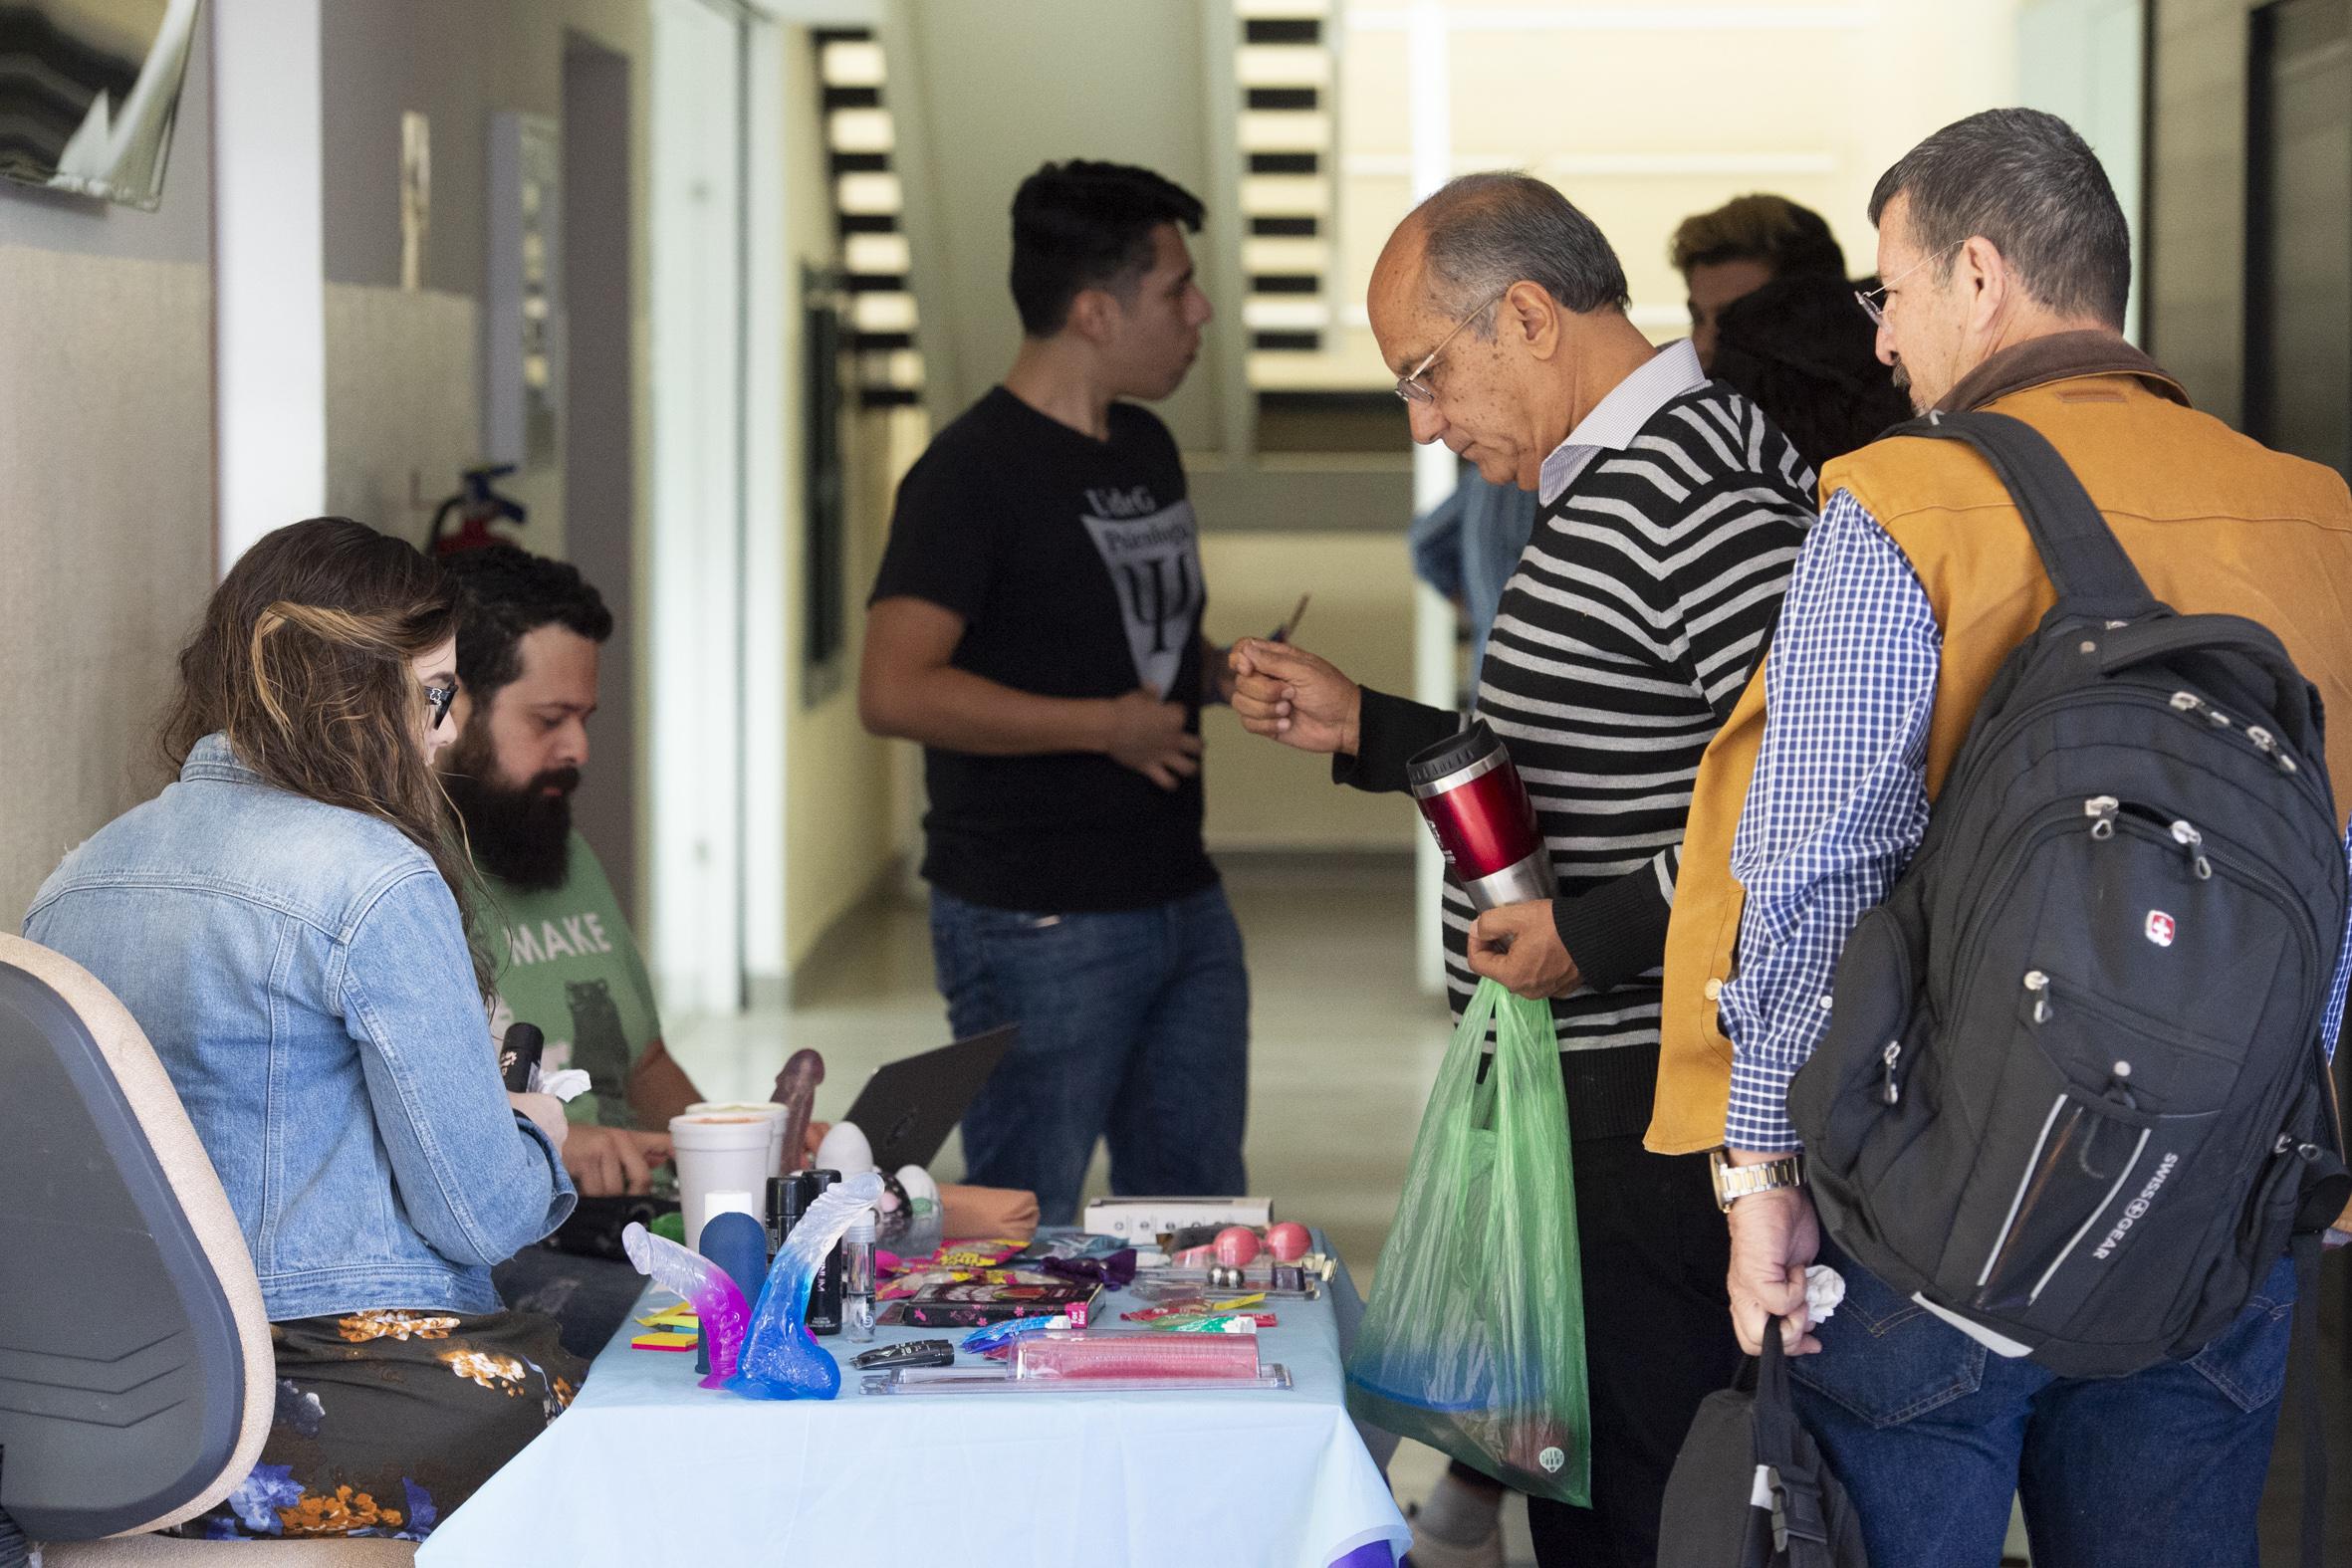 Expositores del área de psicología y sexualidad, mostrando productos y juguetes sexuales, a los trauséntes del centro universitario.